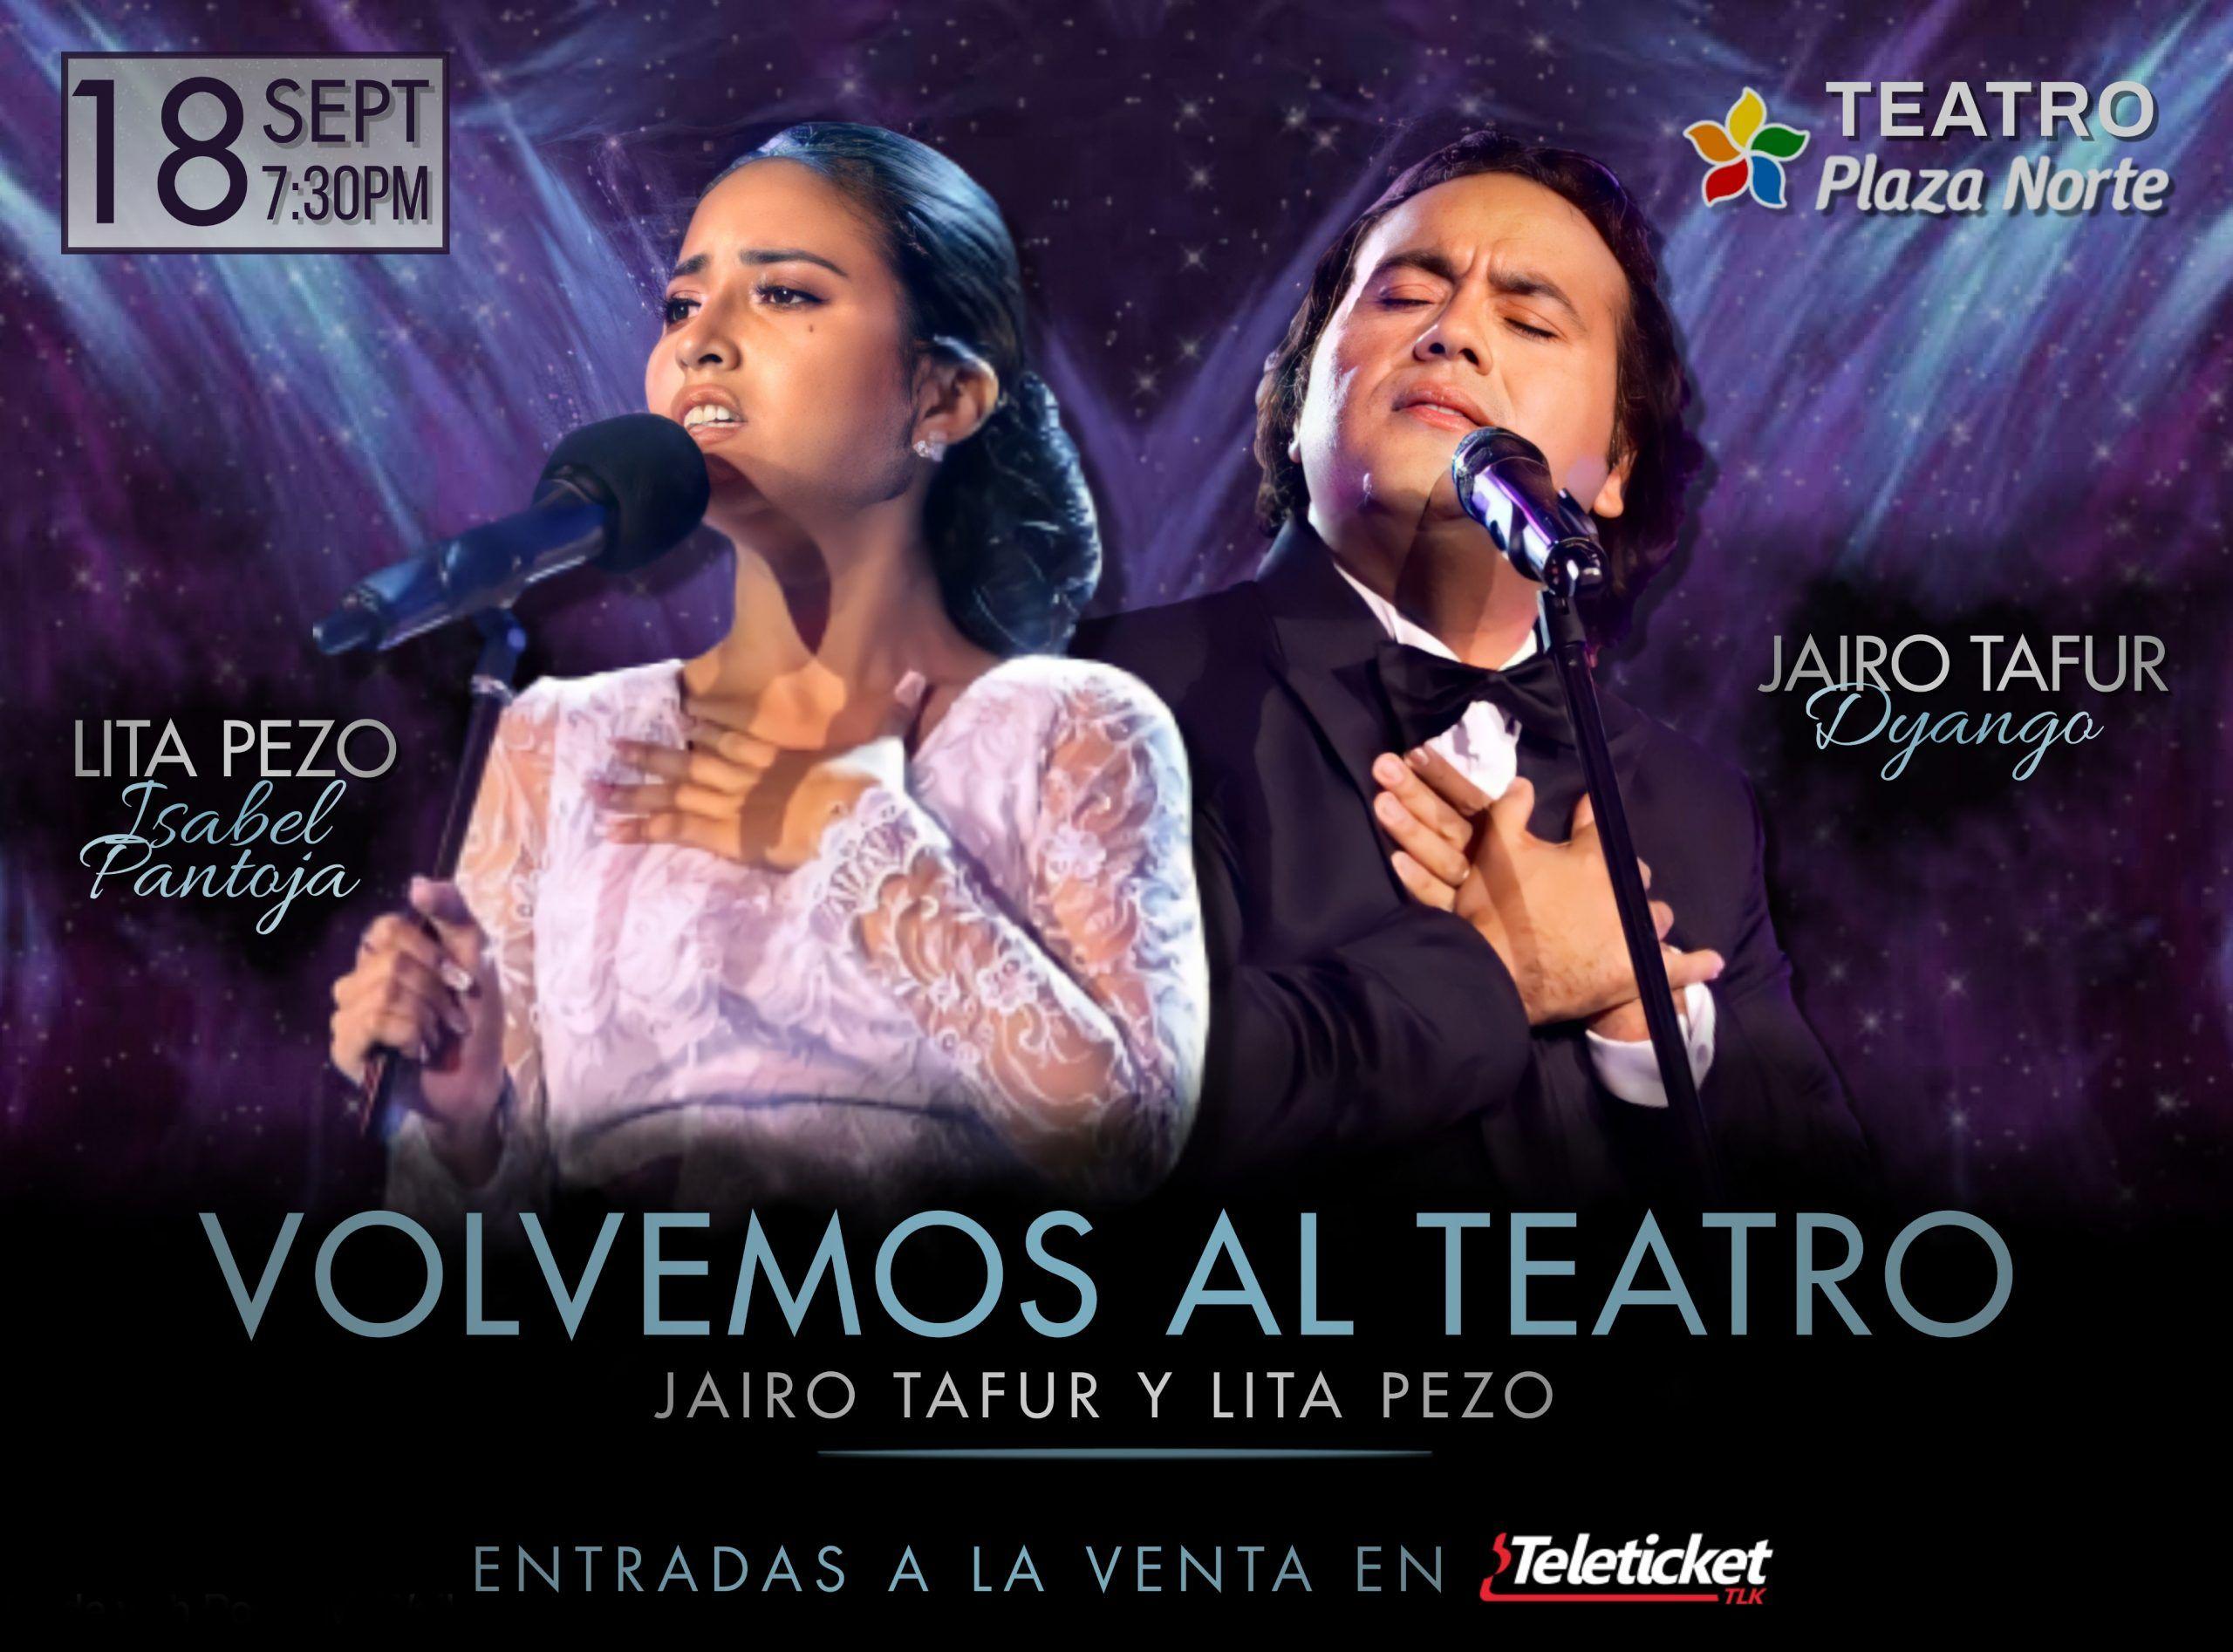 """""""Volvemos al Teatro"""" - Jairo Tafur y Lita Pezo - Plaza Norte"""